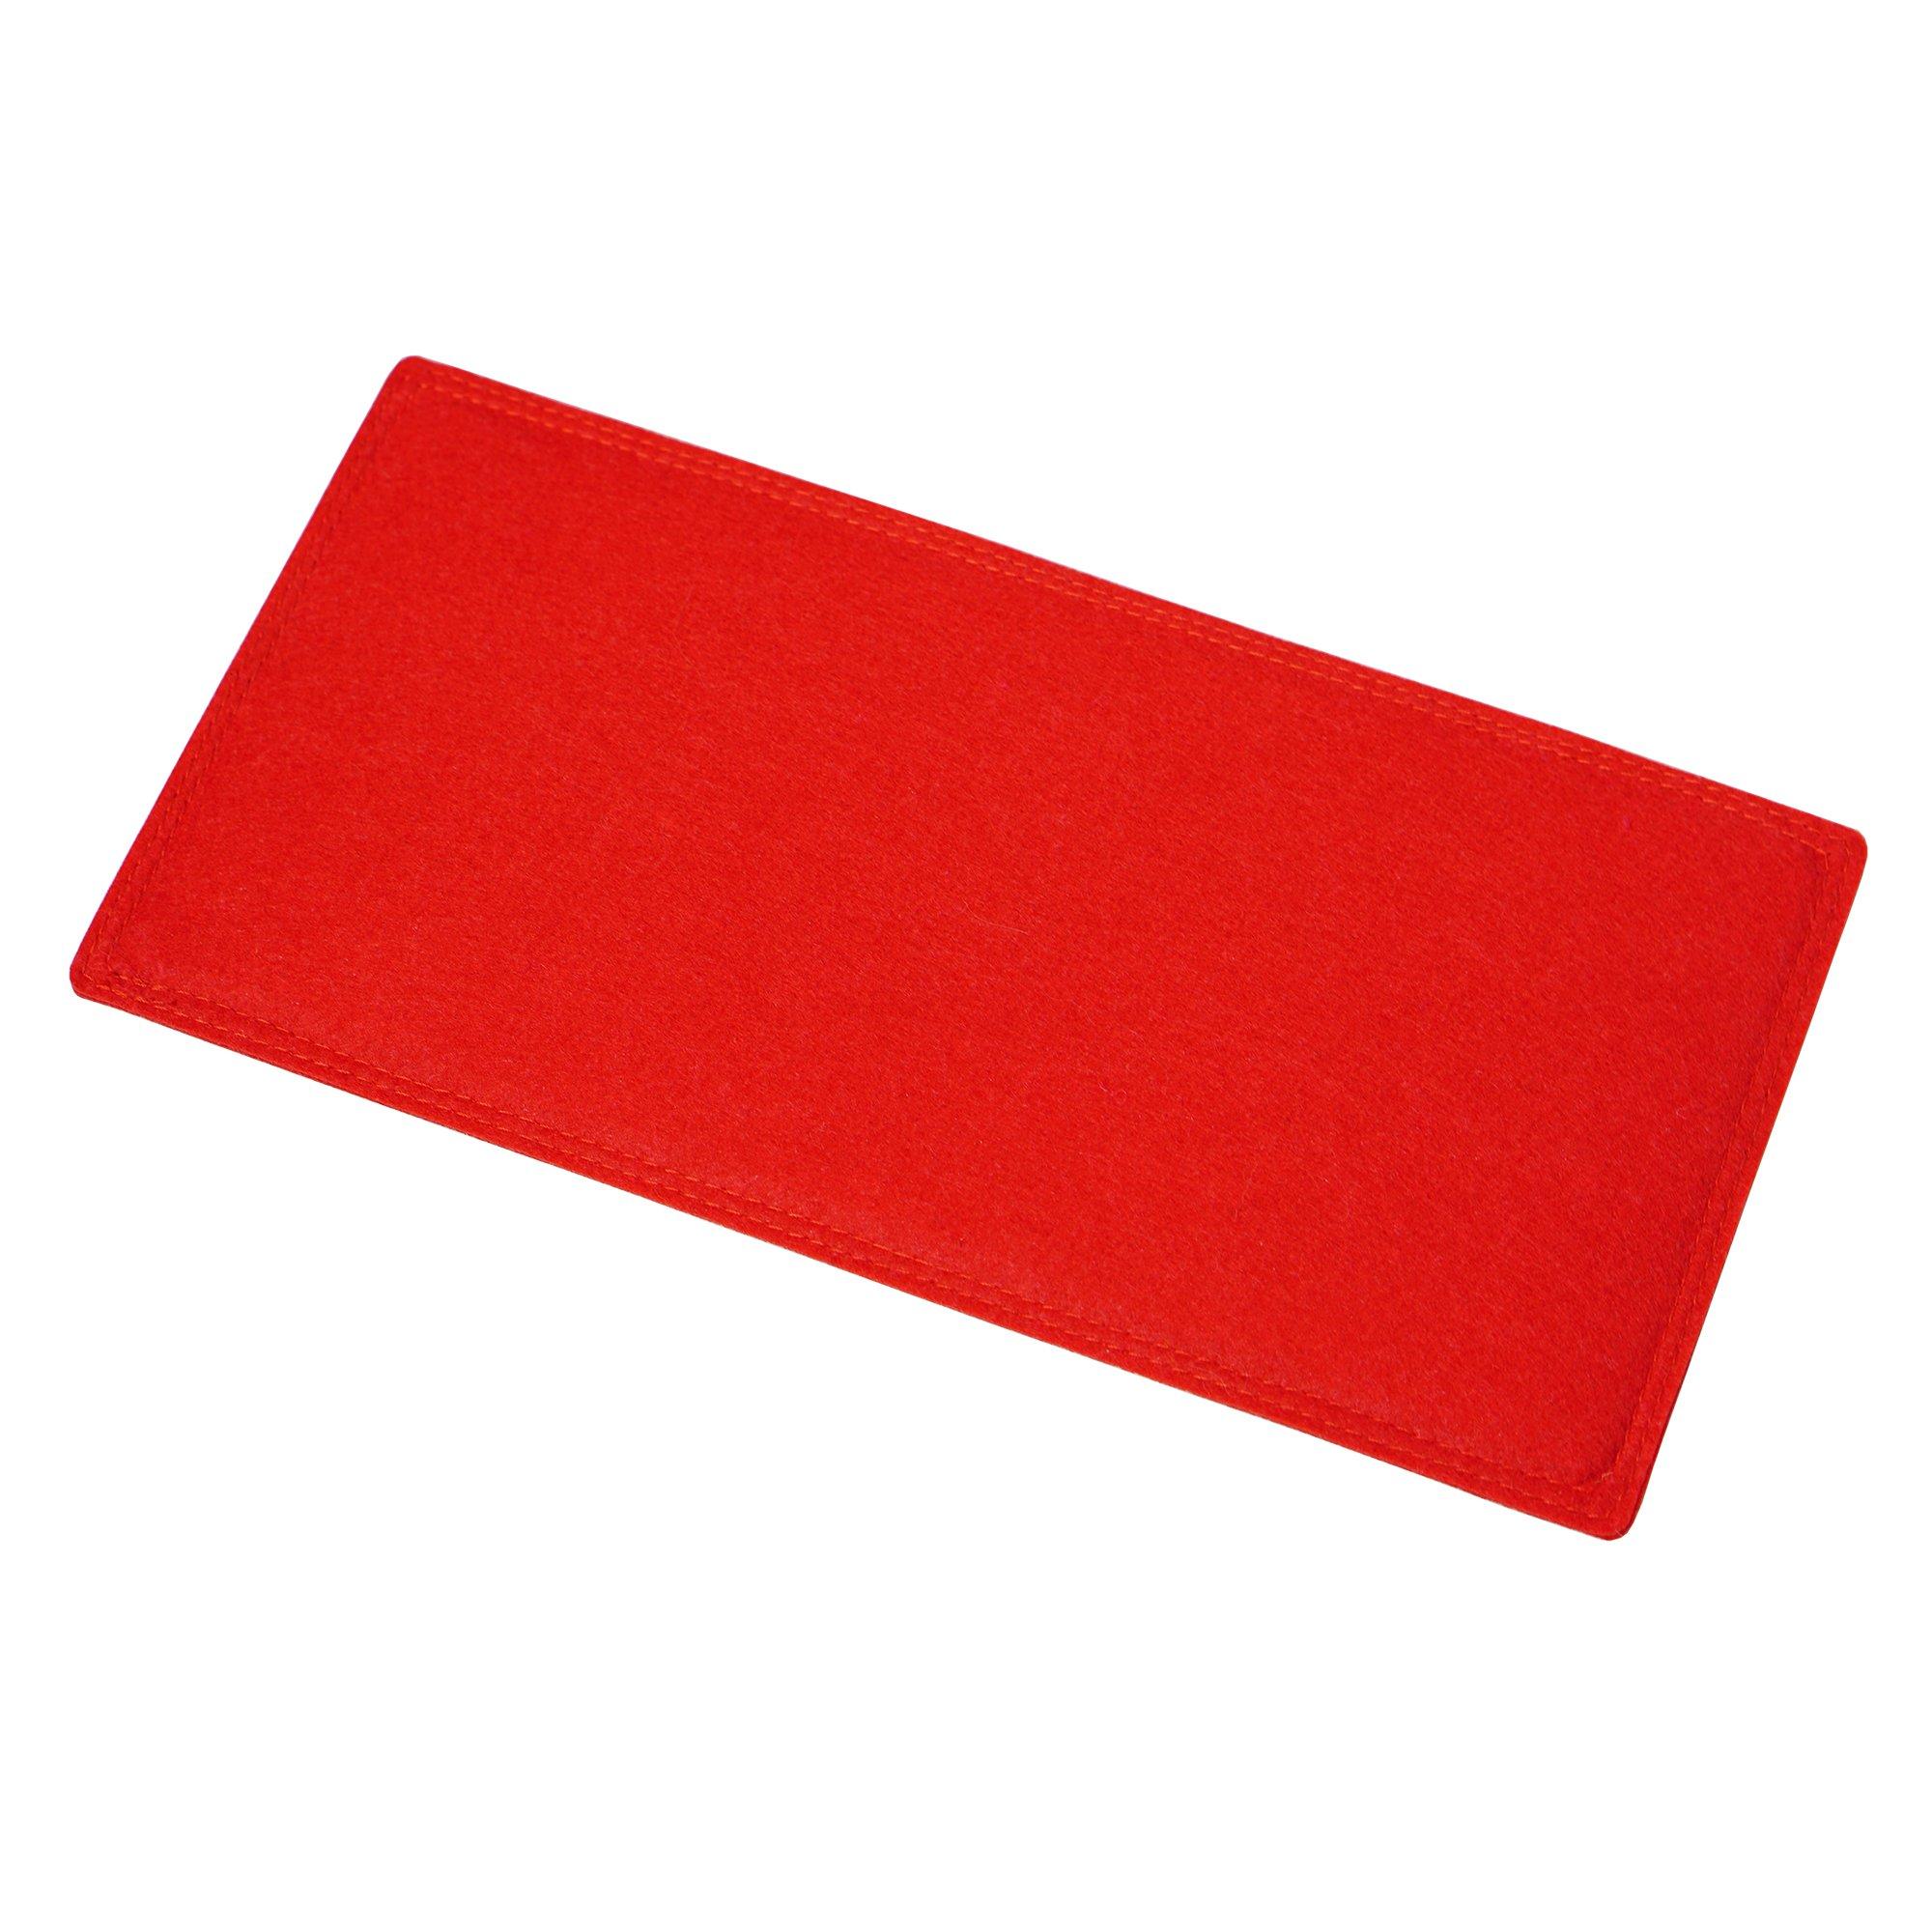 Red Felt Bag Base Shaper for LV Speedy 30